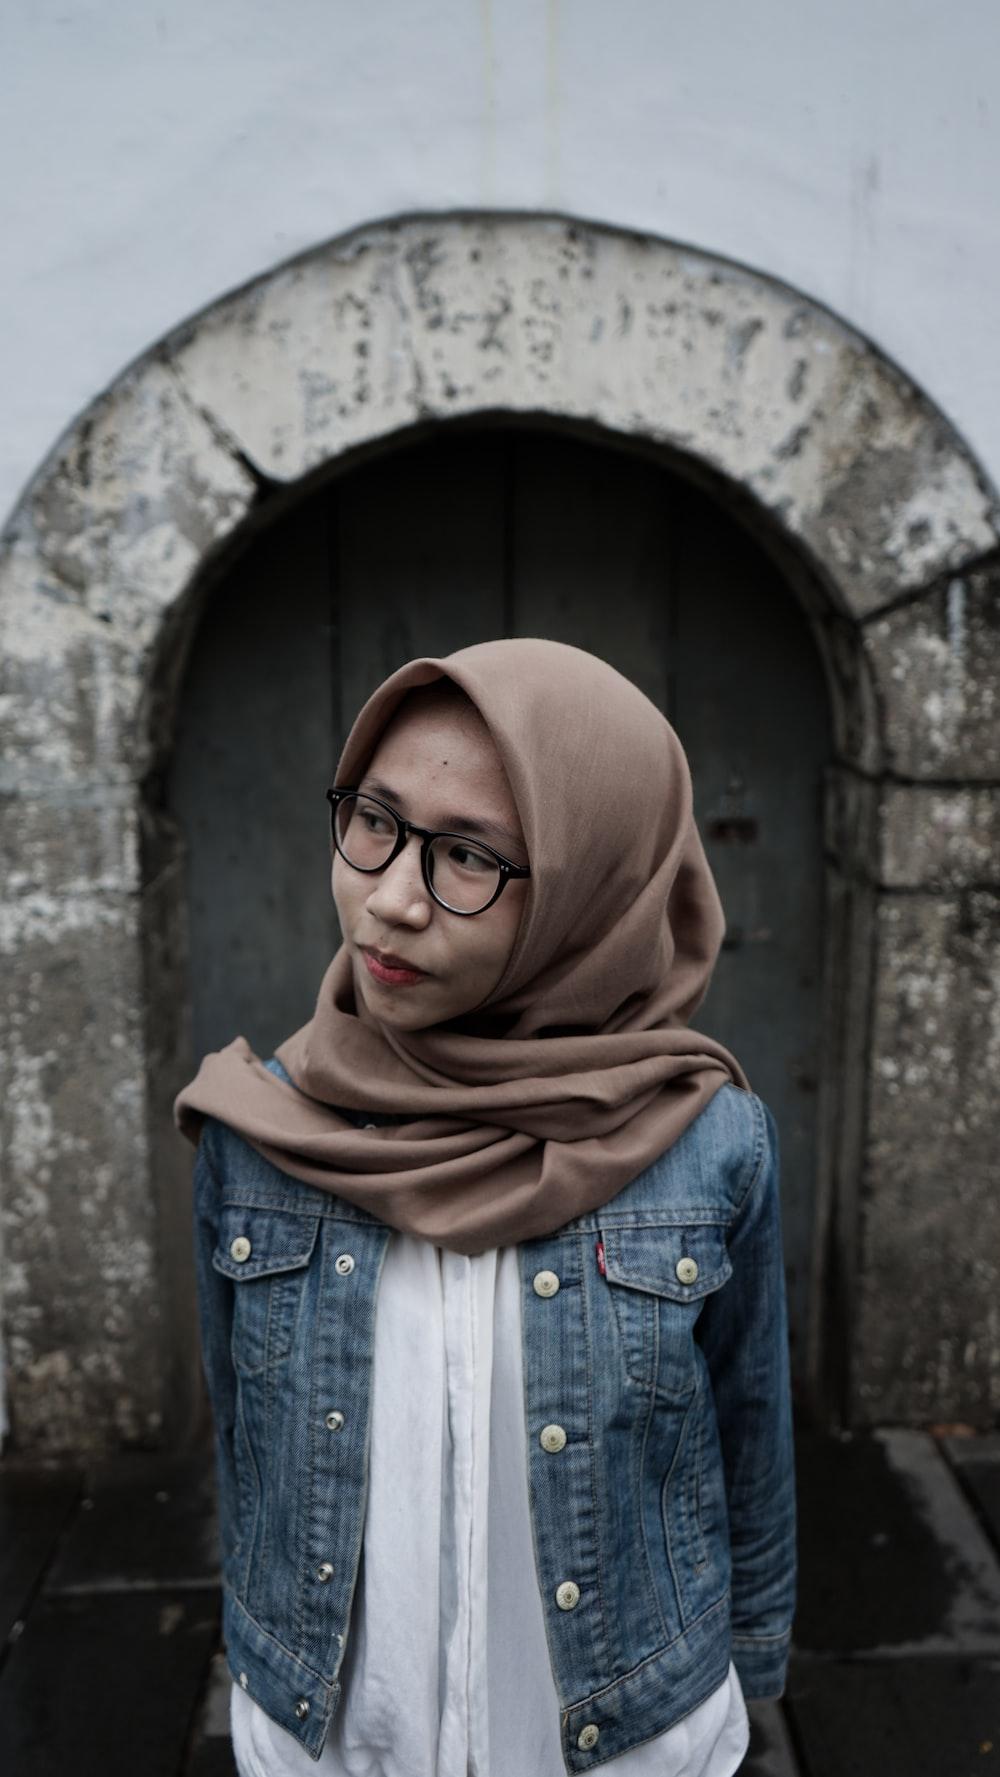 woman wearing brown hijab